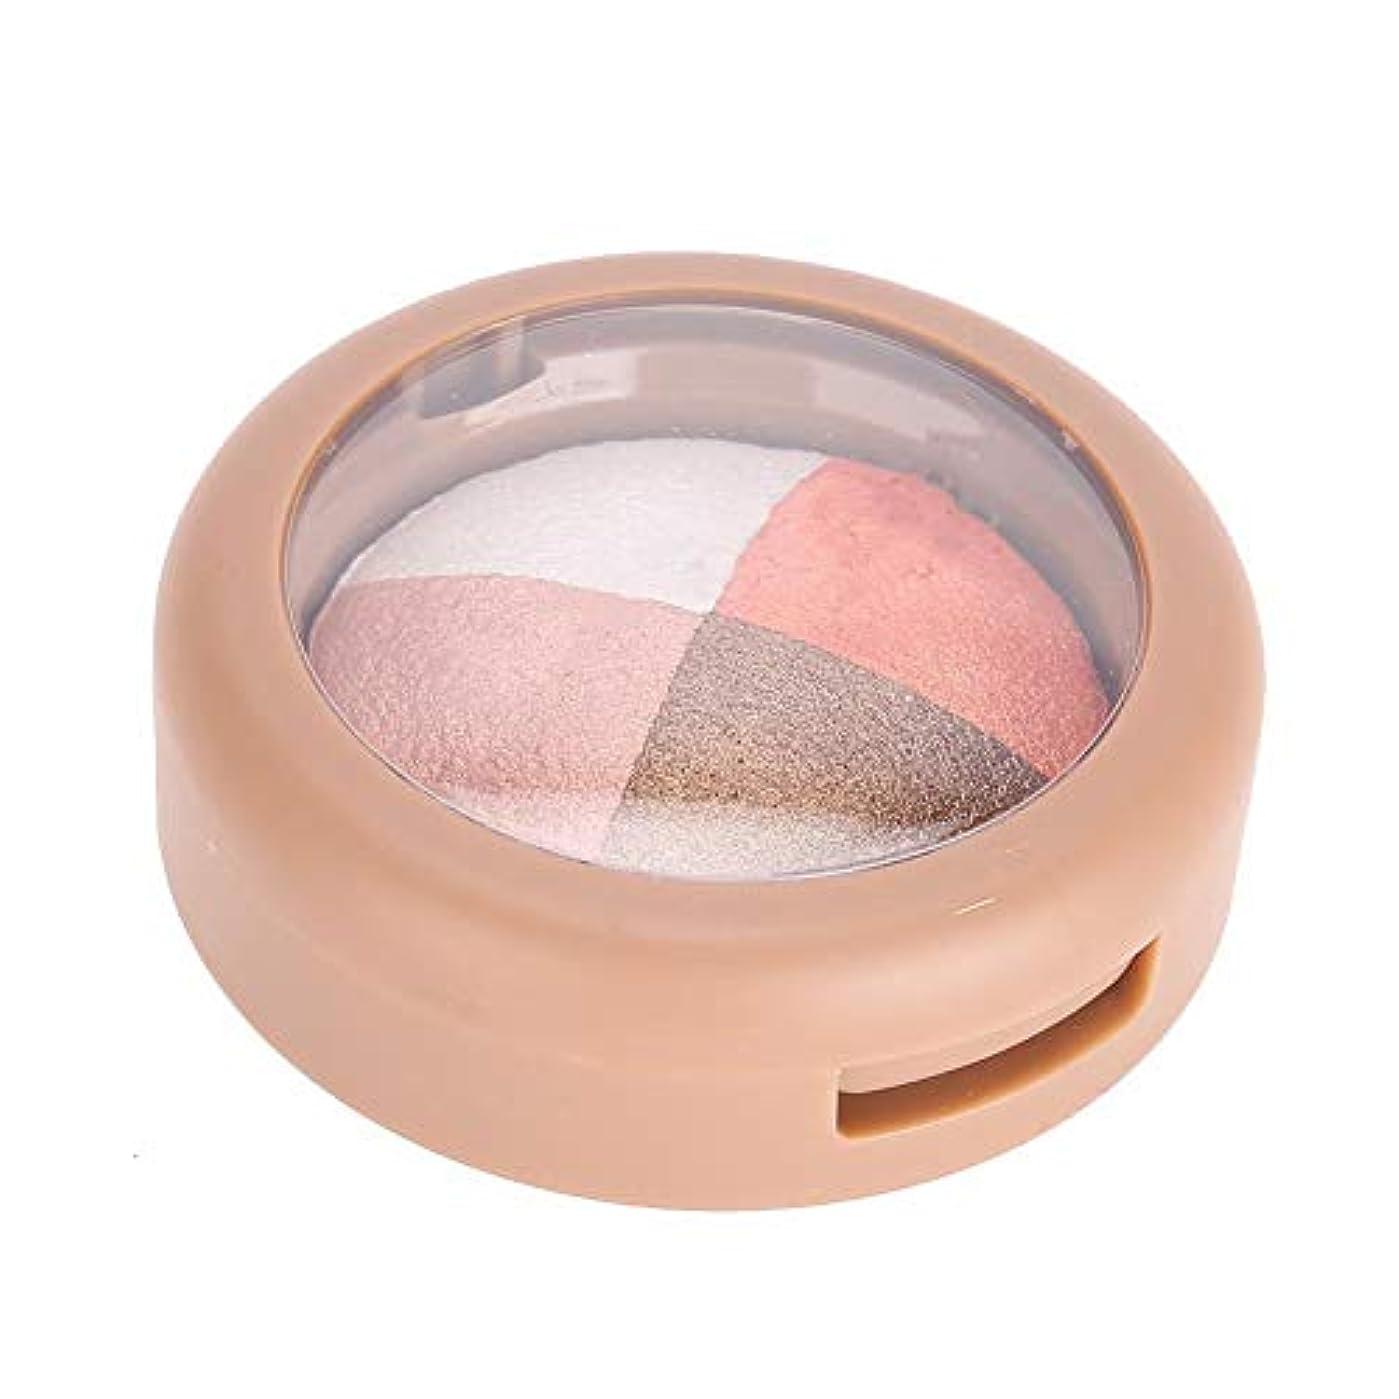 メディカルなんでも式アイシャドウパレット 4色 アイシャドウ高度に着色された目メイク長期的な防水アイシャドウパウダー化粧品(4#)